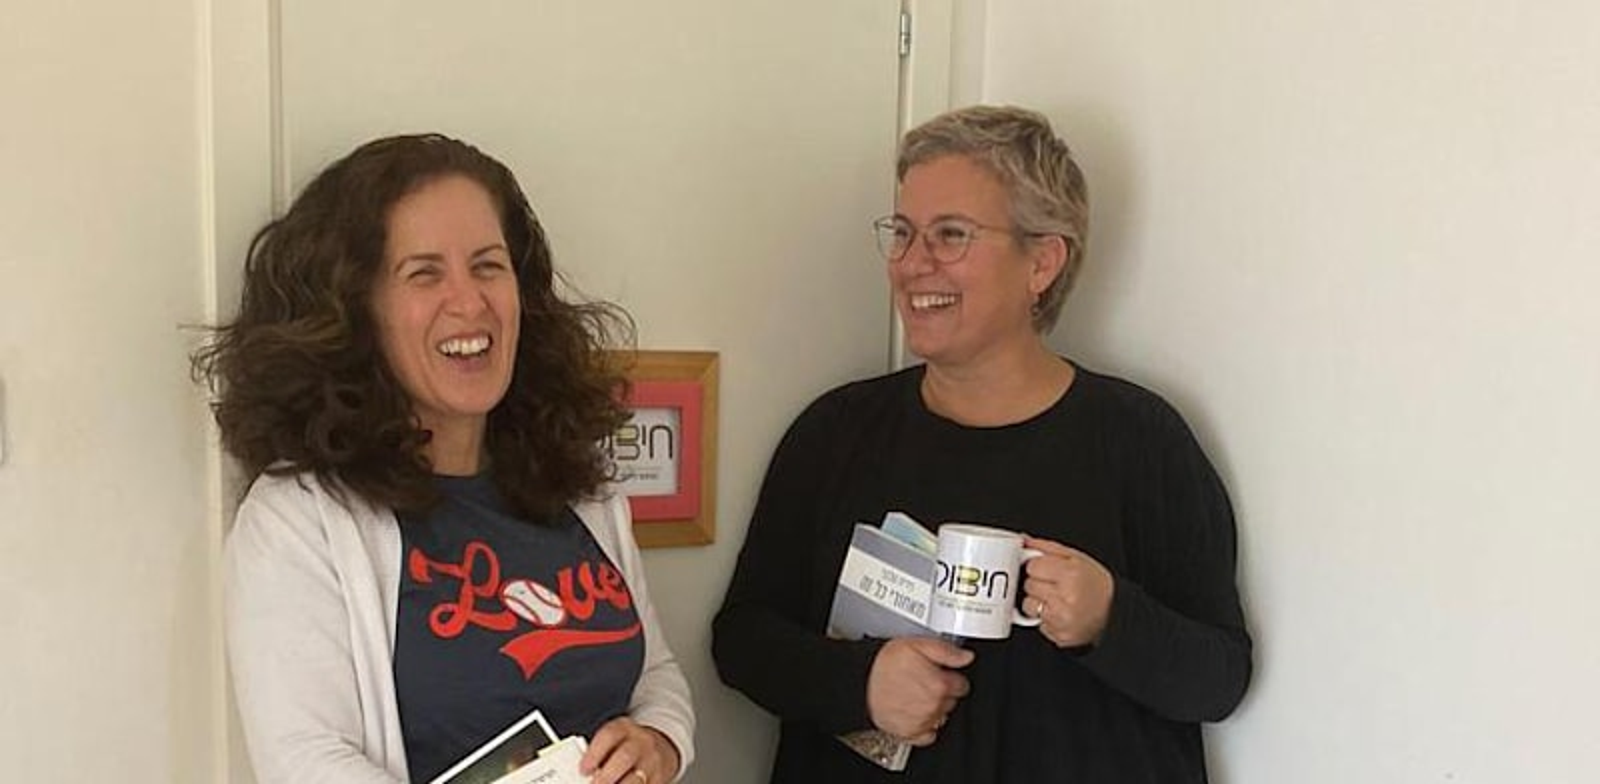 רננה בן־ארי ותמי פישל, בעלות ב''חיBוק'' - עסק חברתי לפעילות לגיל השלישי / צילום: תמונה פרטית